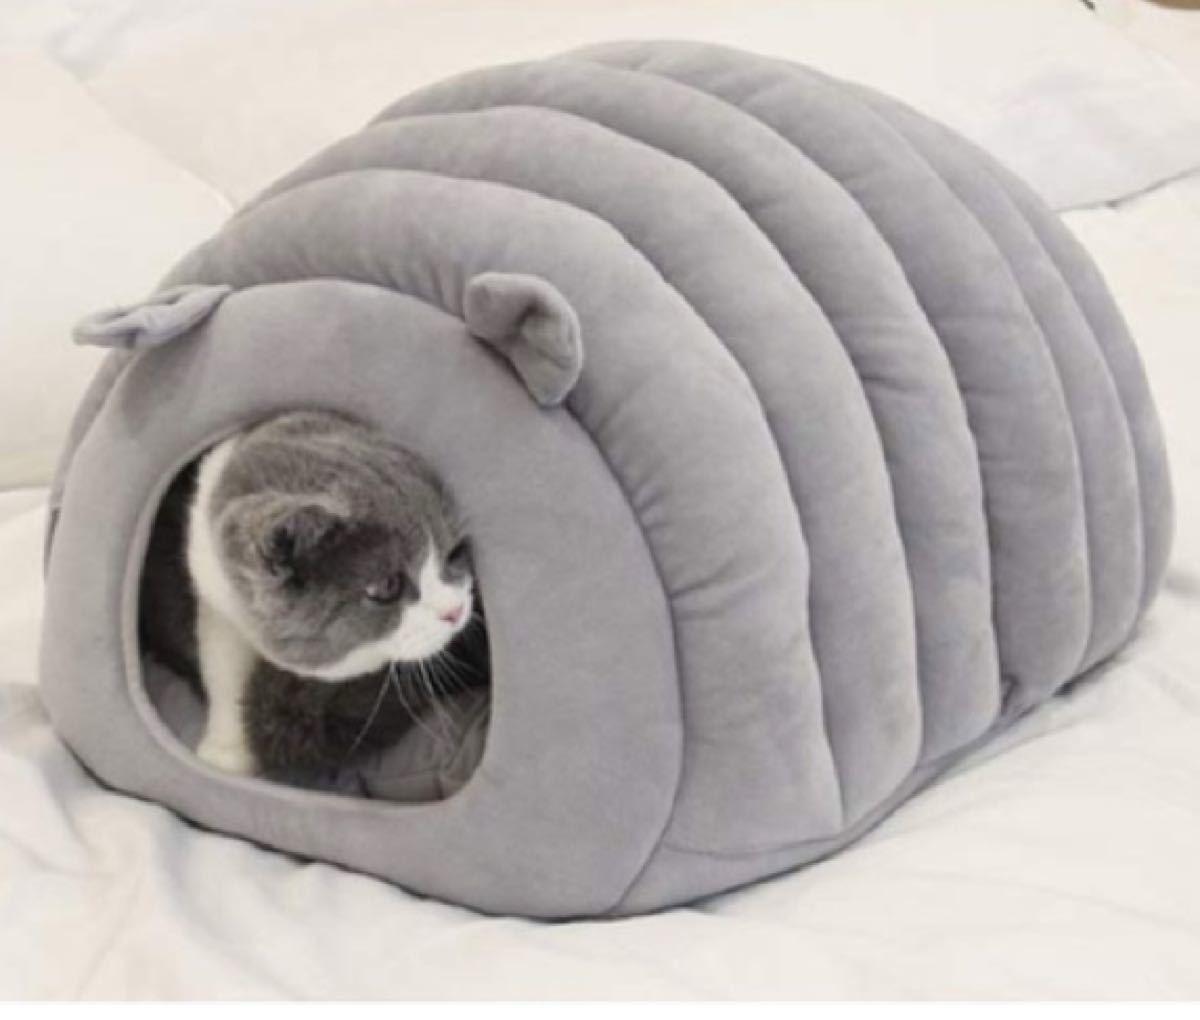 猫ハウス 冬 猫用ベッド 猫 ドーム型 ベッド 犬小屋 可愛い 柔らか 水洗え